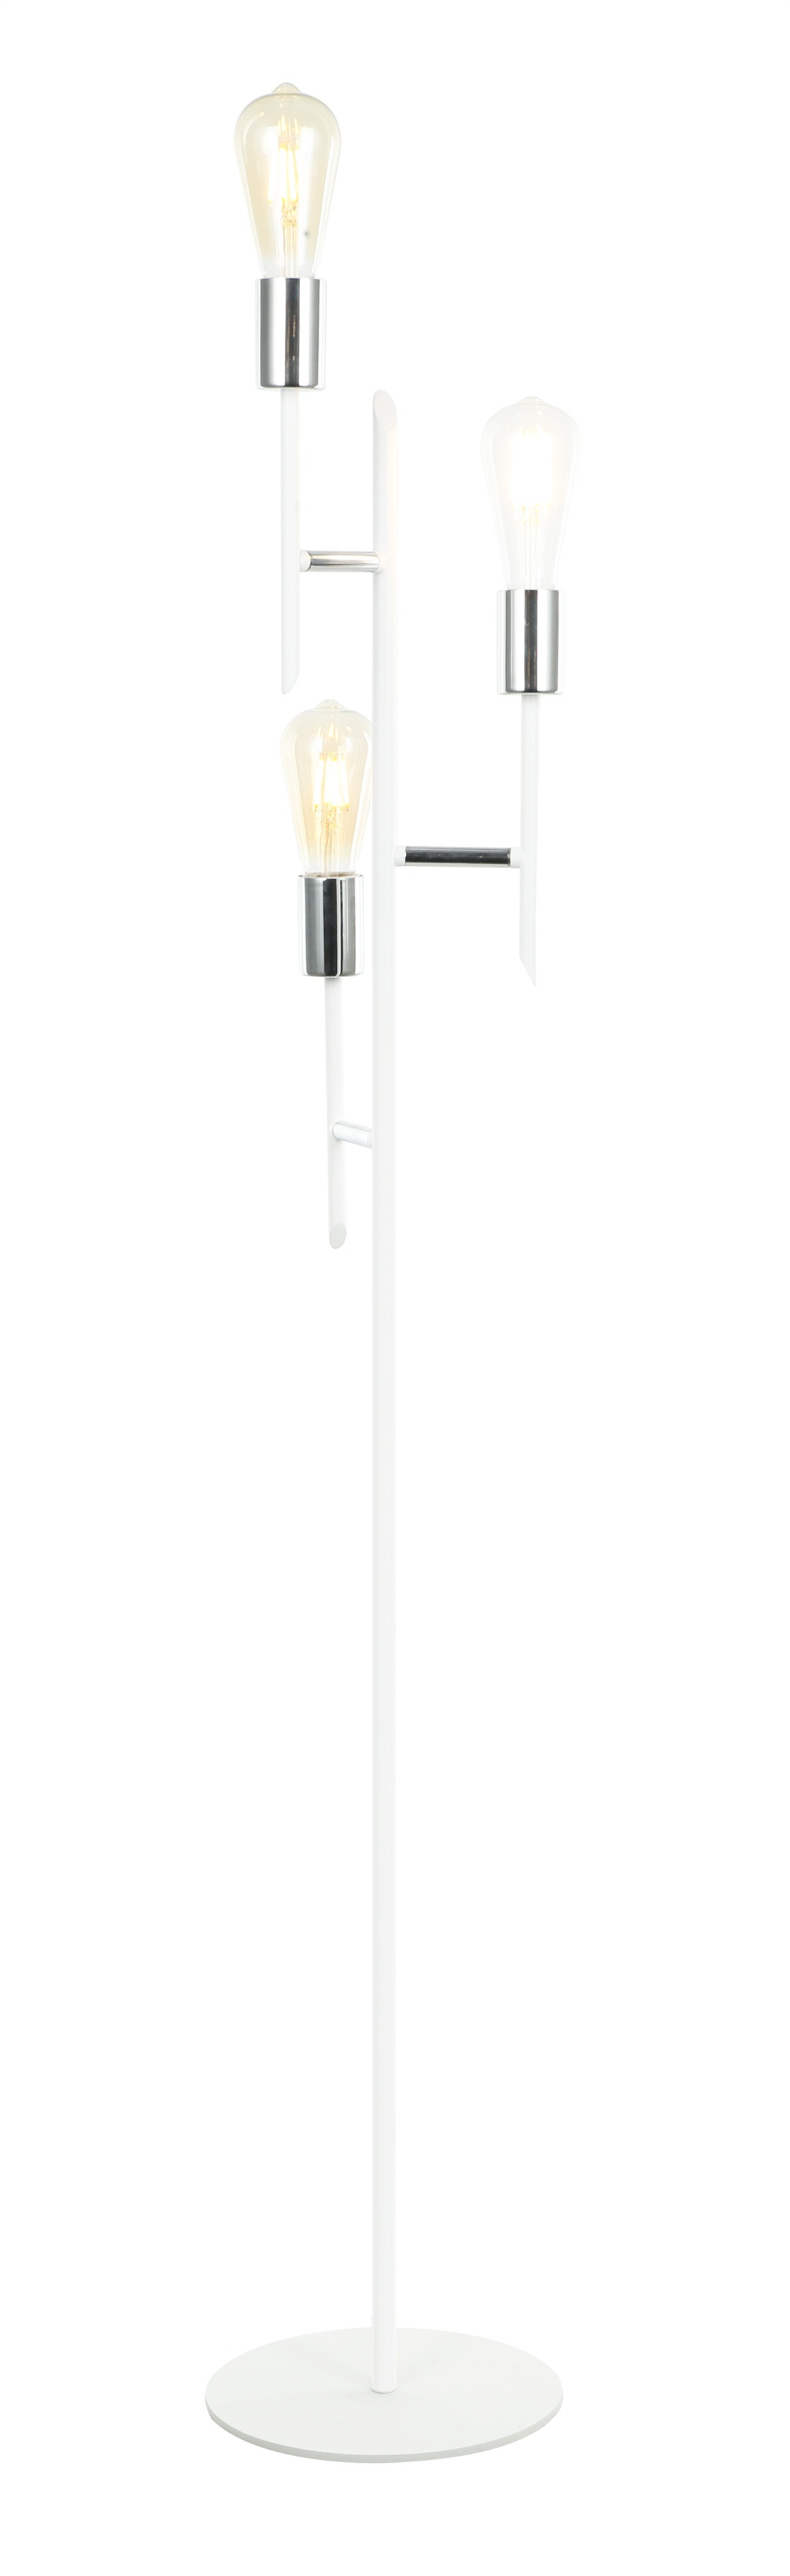 4W LED FLOOR LAMP 63735-3A